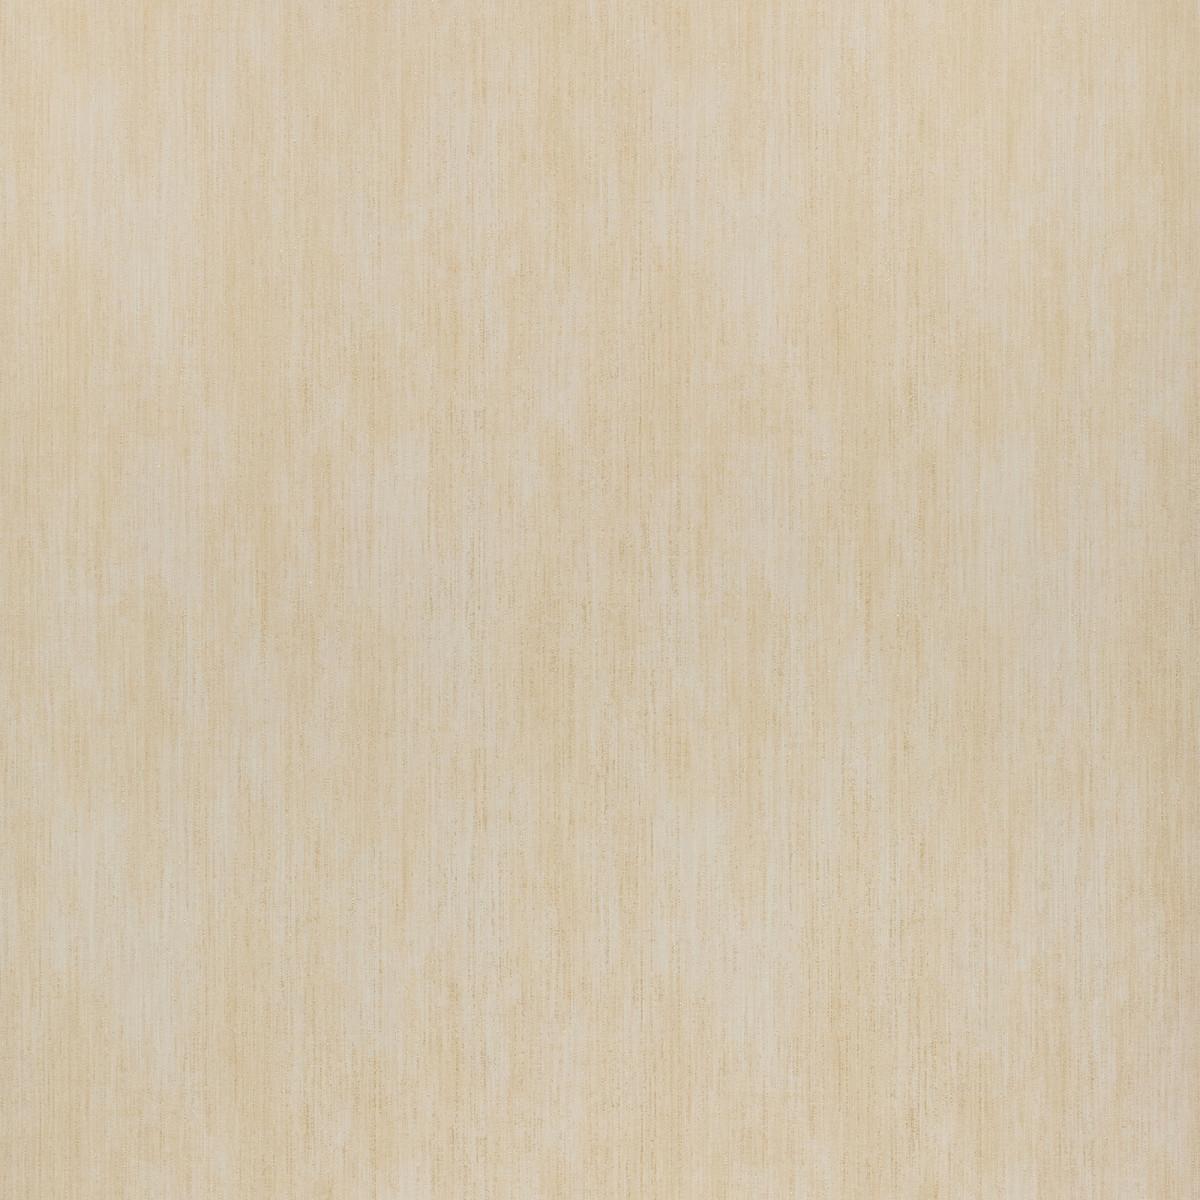 Обои флизелиновые Collection for walls Svante 8027 медные 1.06 м